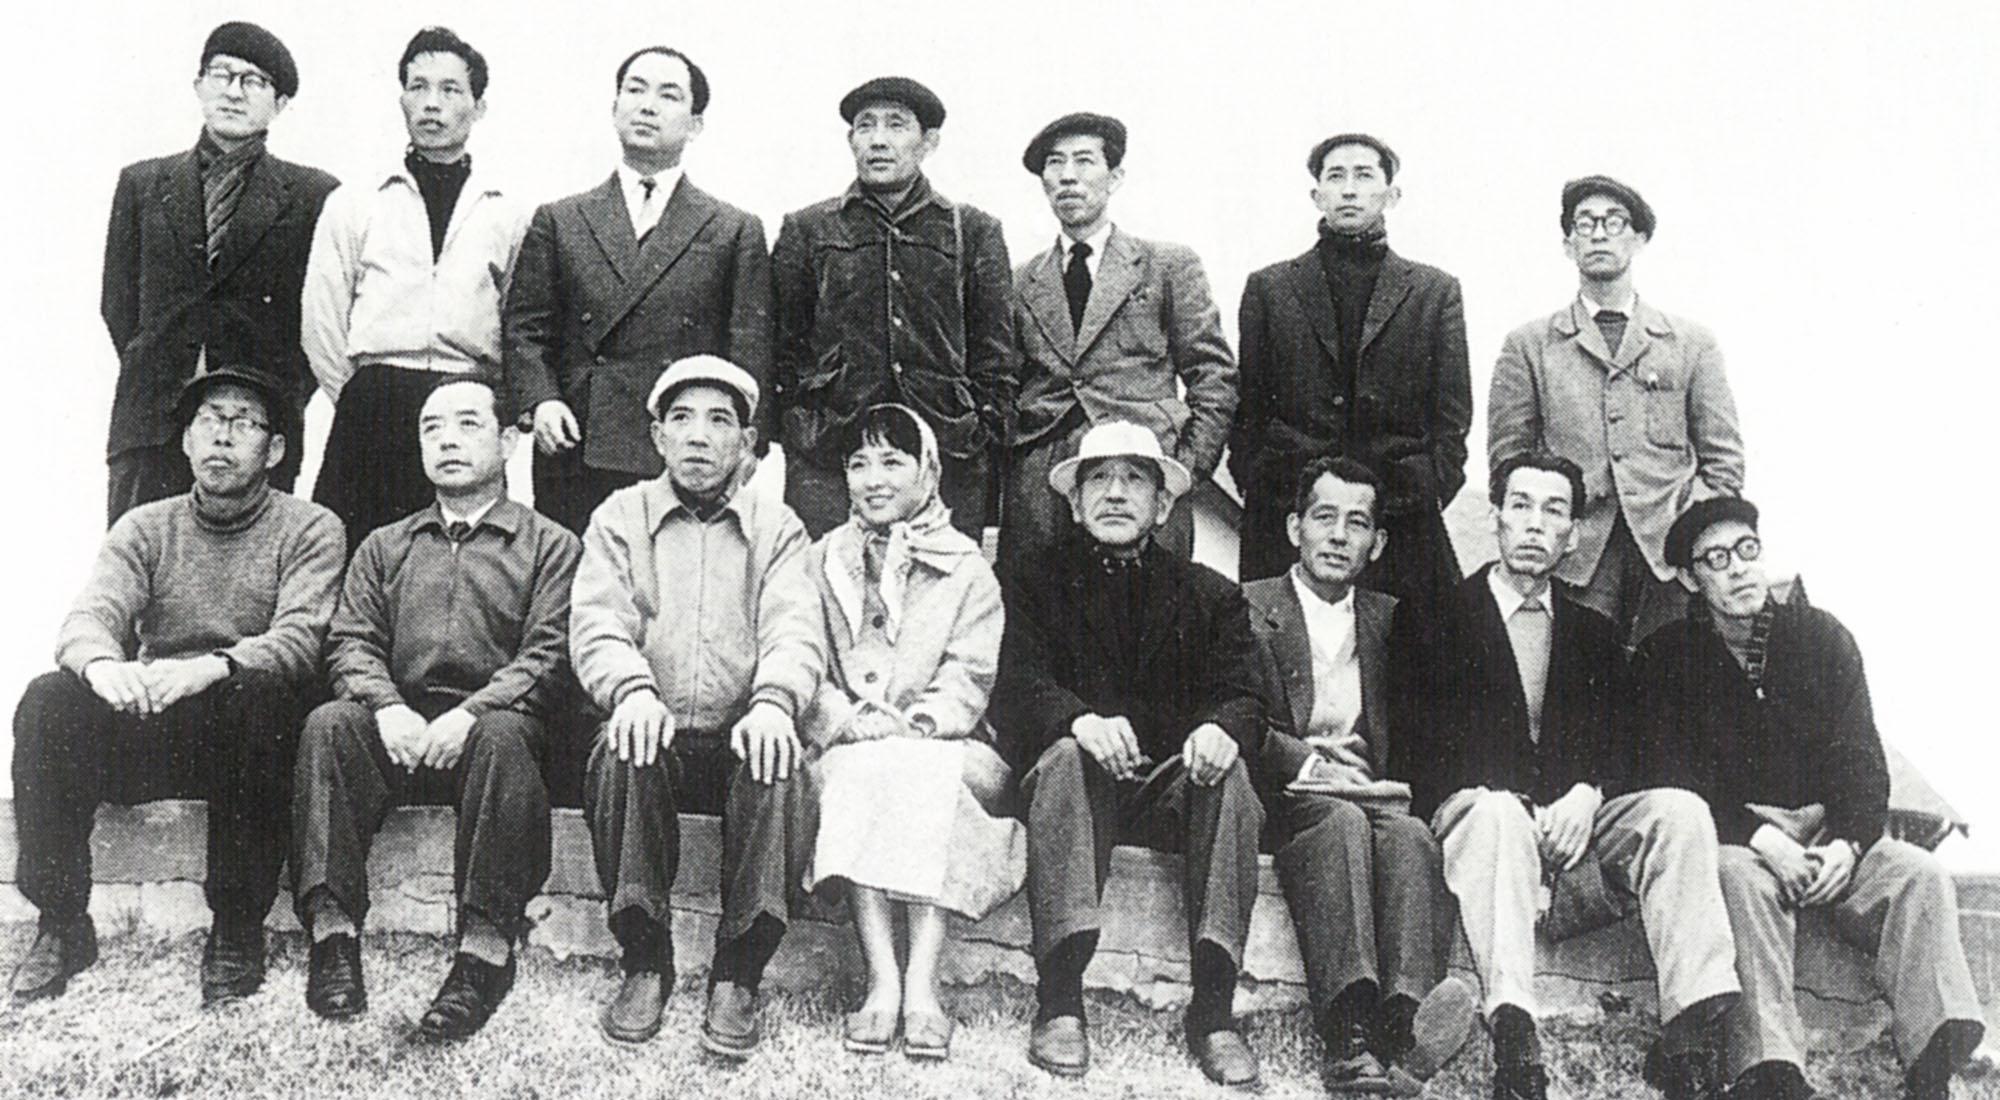 小津安二郎の映画音楽 Soundtrac...